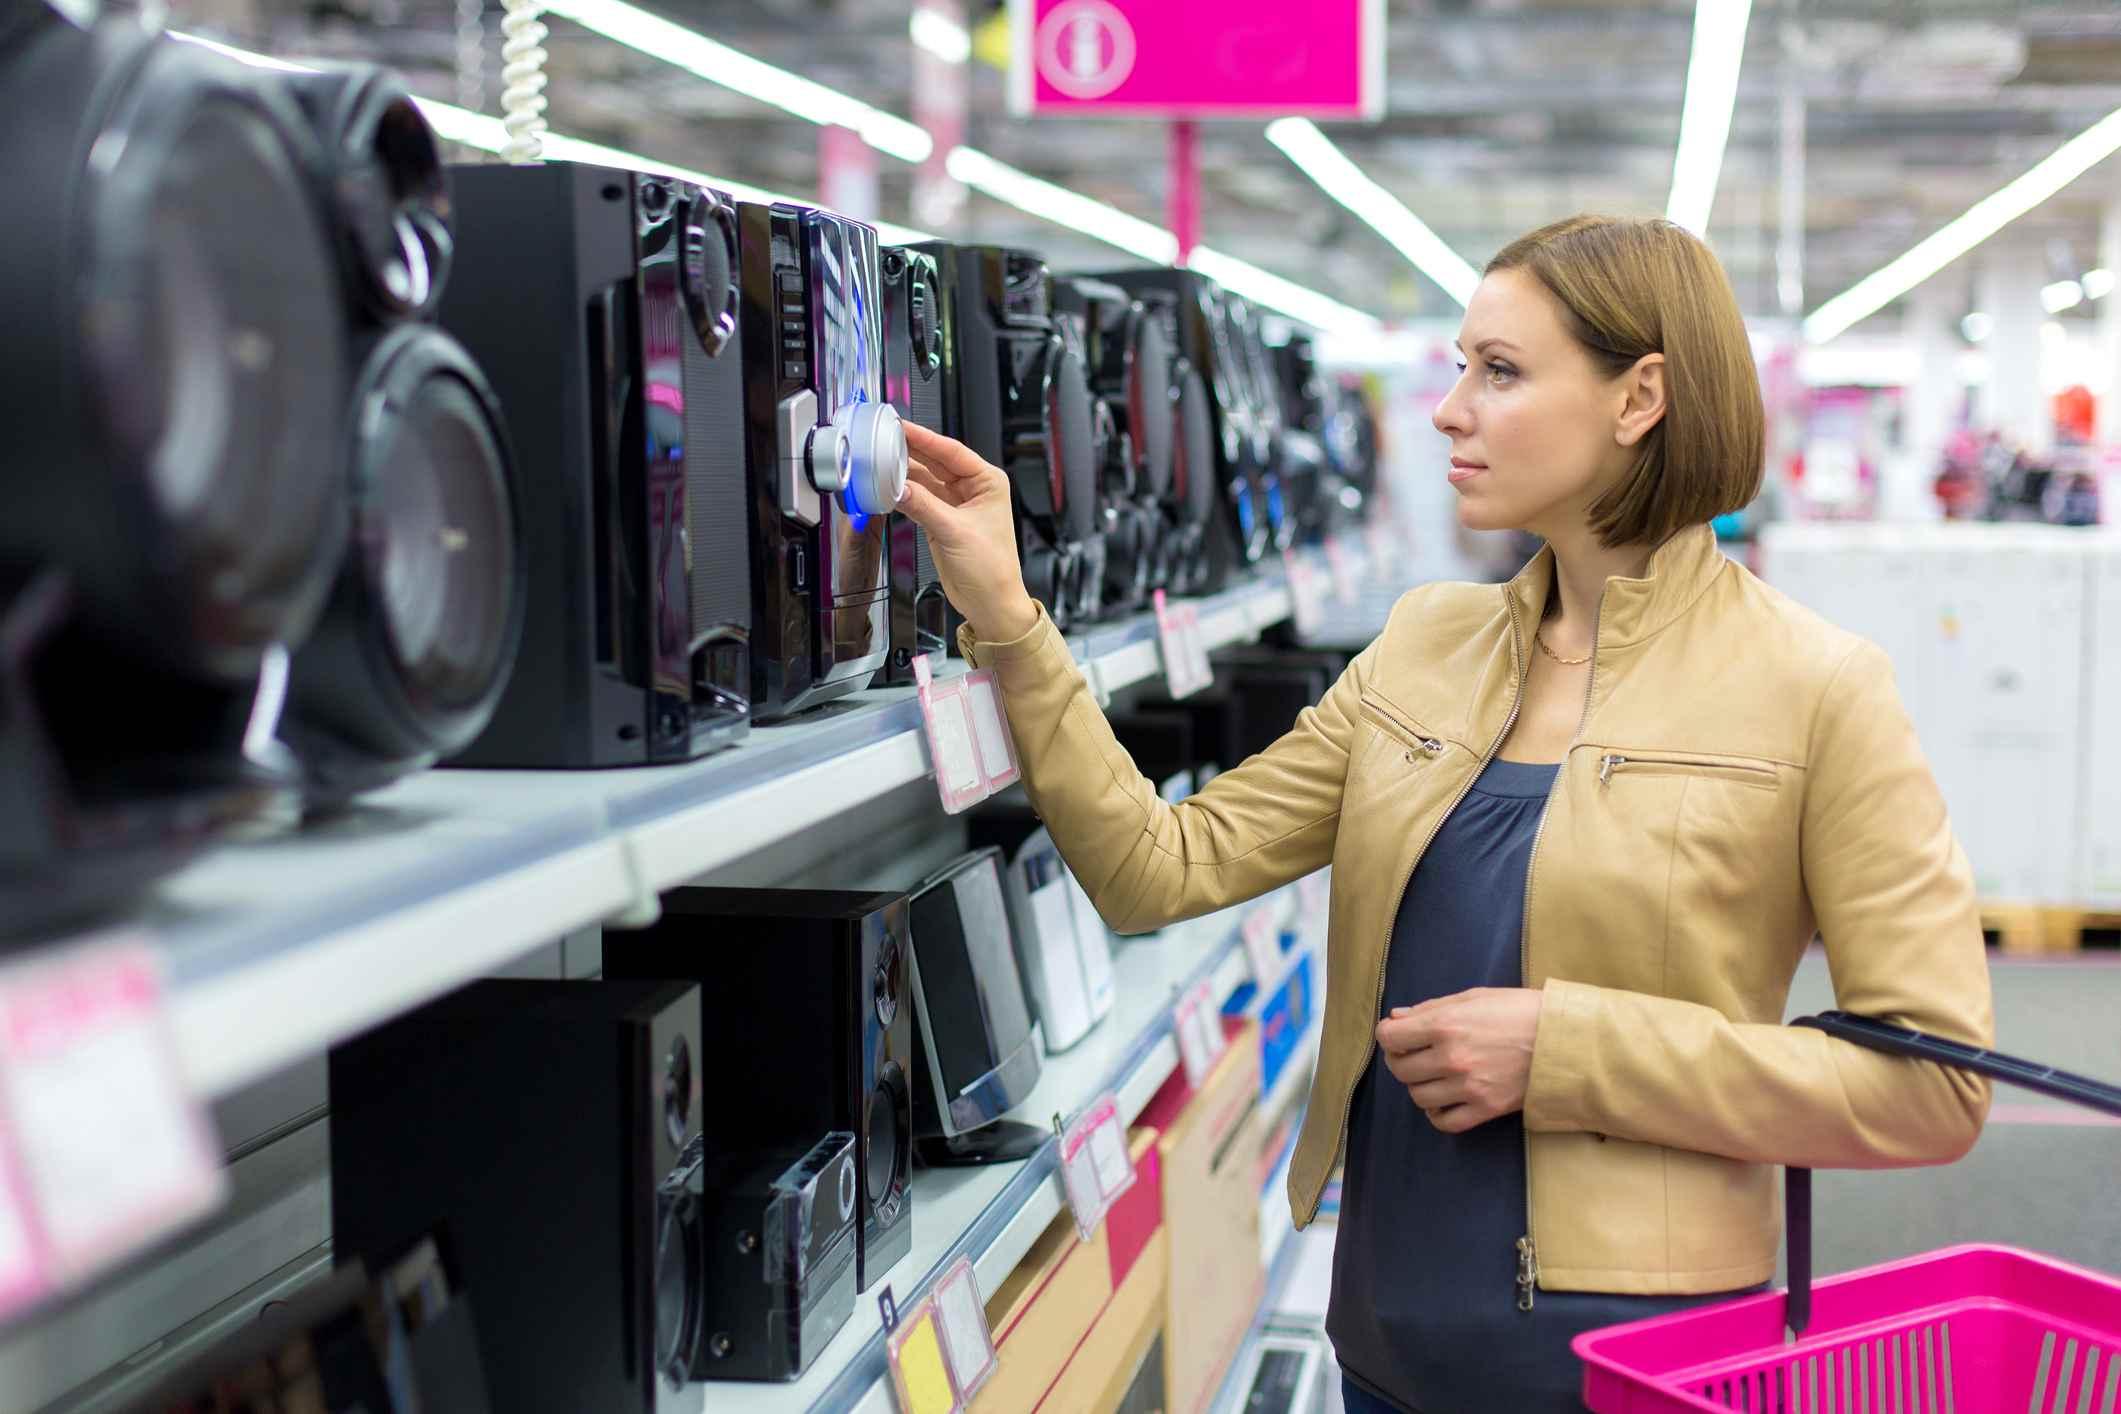 Altavoces en la tienda de electrónica